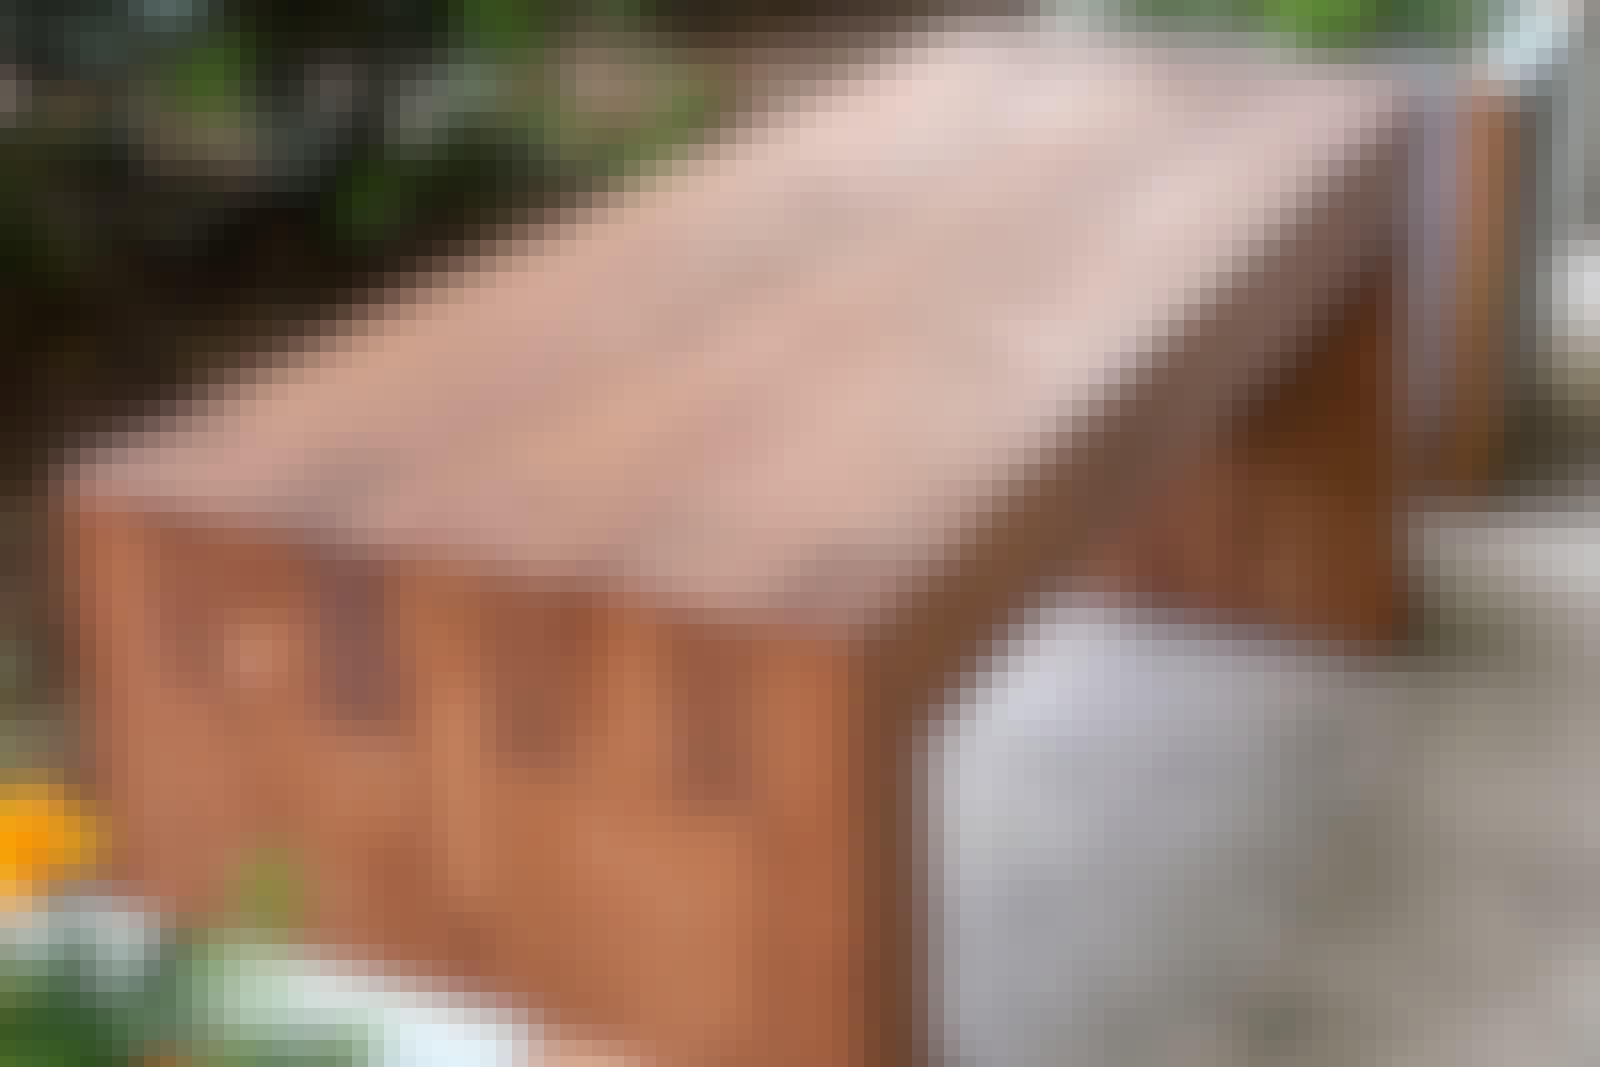 Reglar: Byg en bænk af reglar